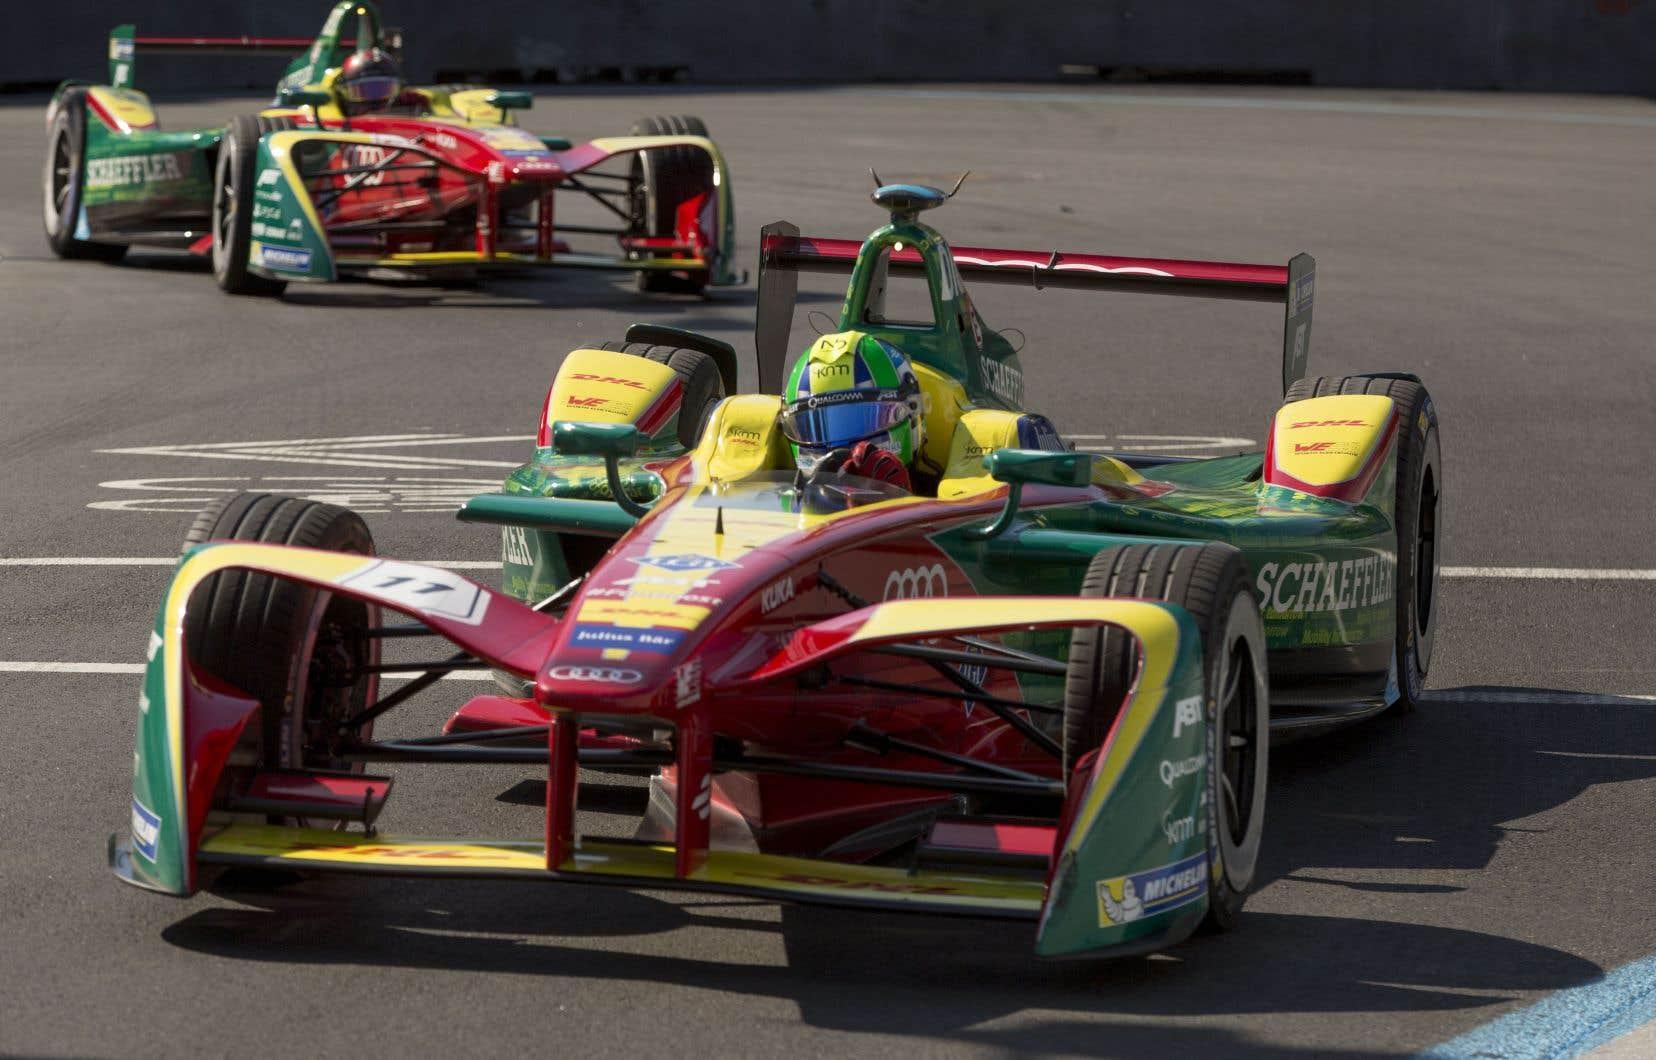 La compétition de Formule E aura fait polémique avant, pendant et après la tenue de l'événement.